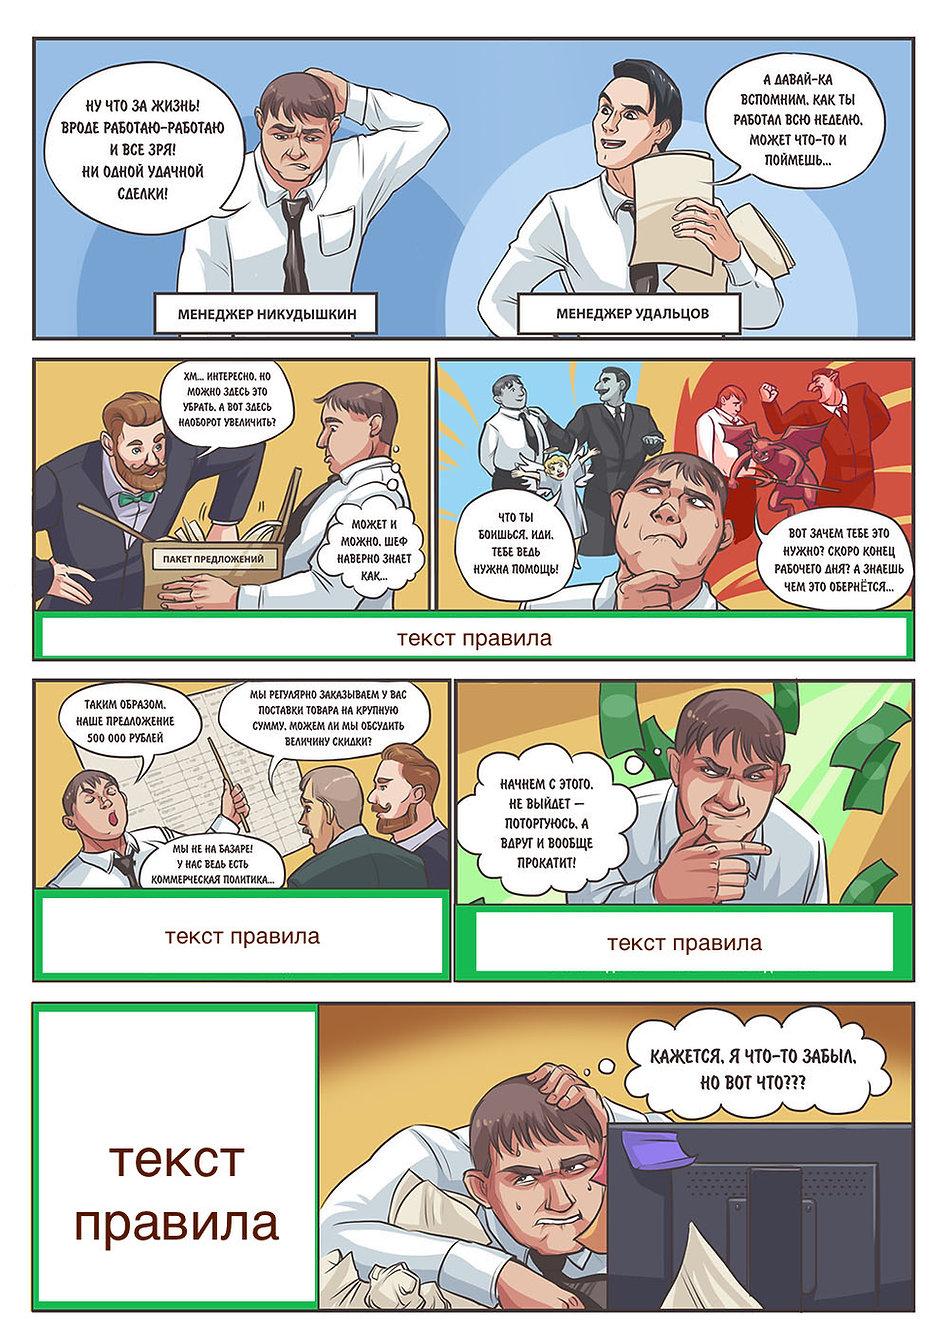 Комикс для бизнеса. Инструкция менеджерам. 1